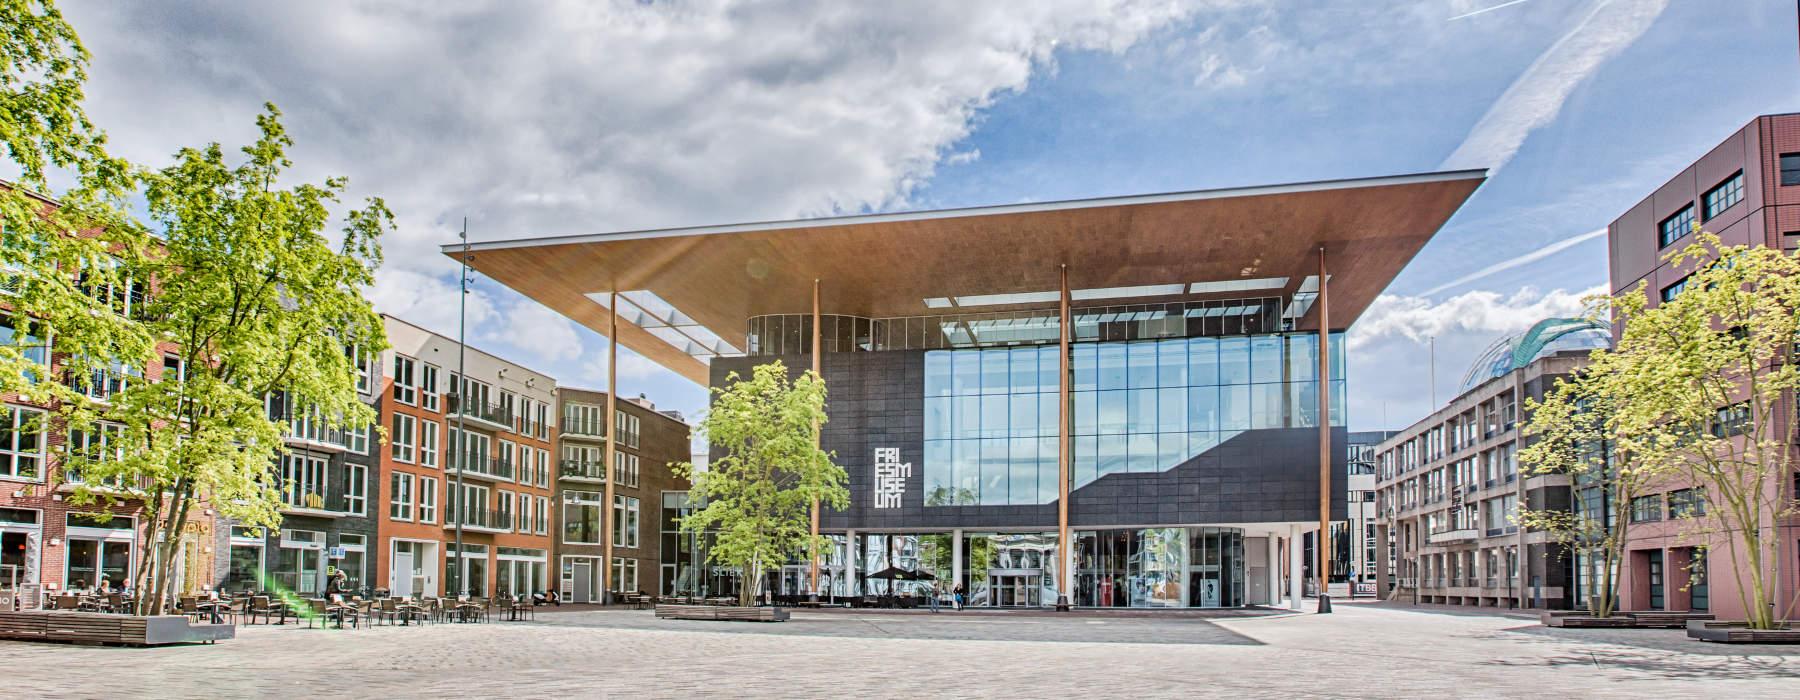 Nijs Gemeente Ljouwert - Fries museum